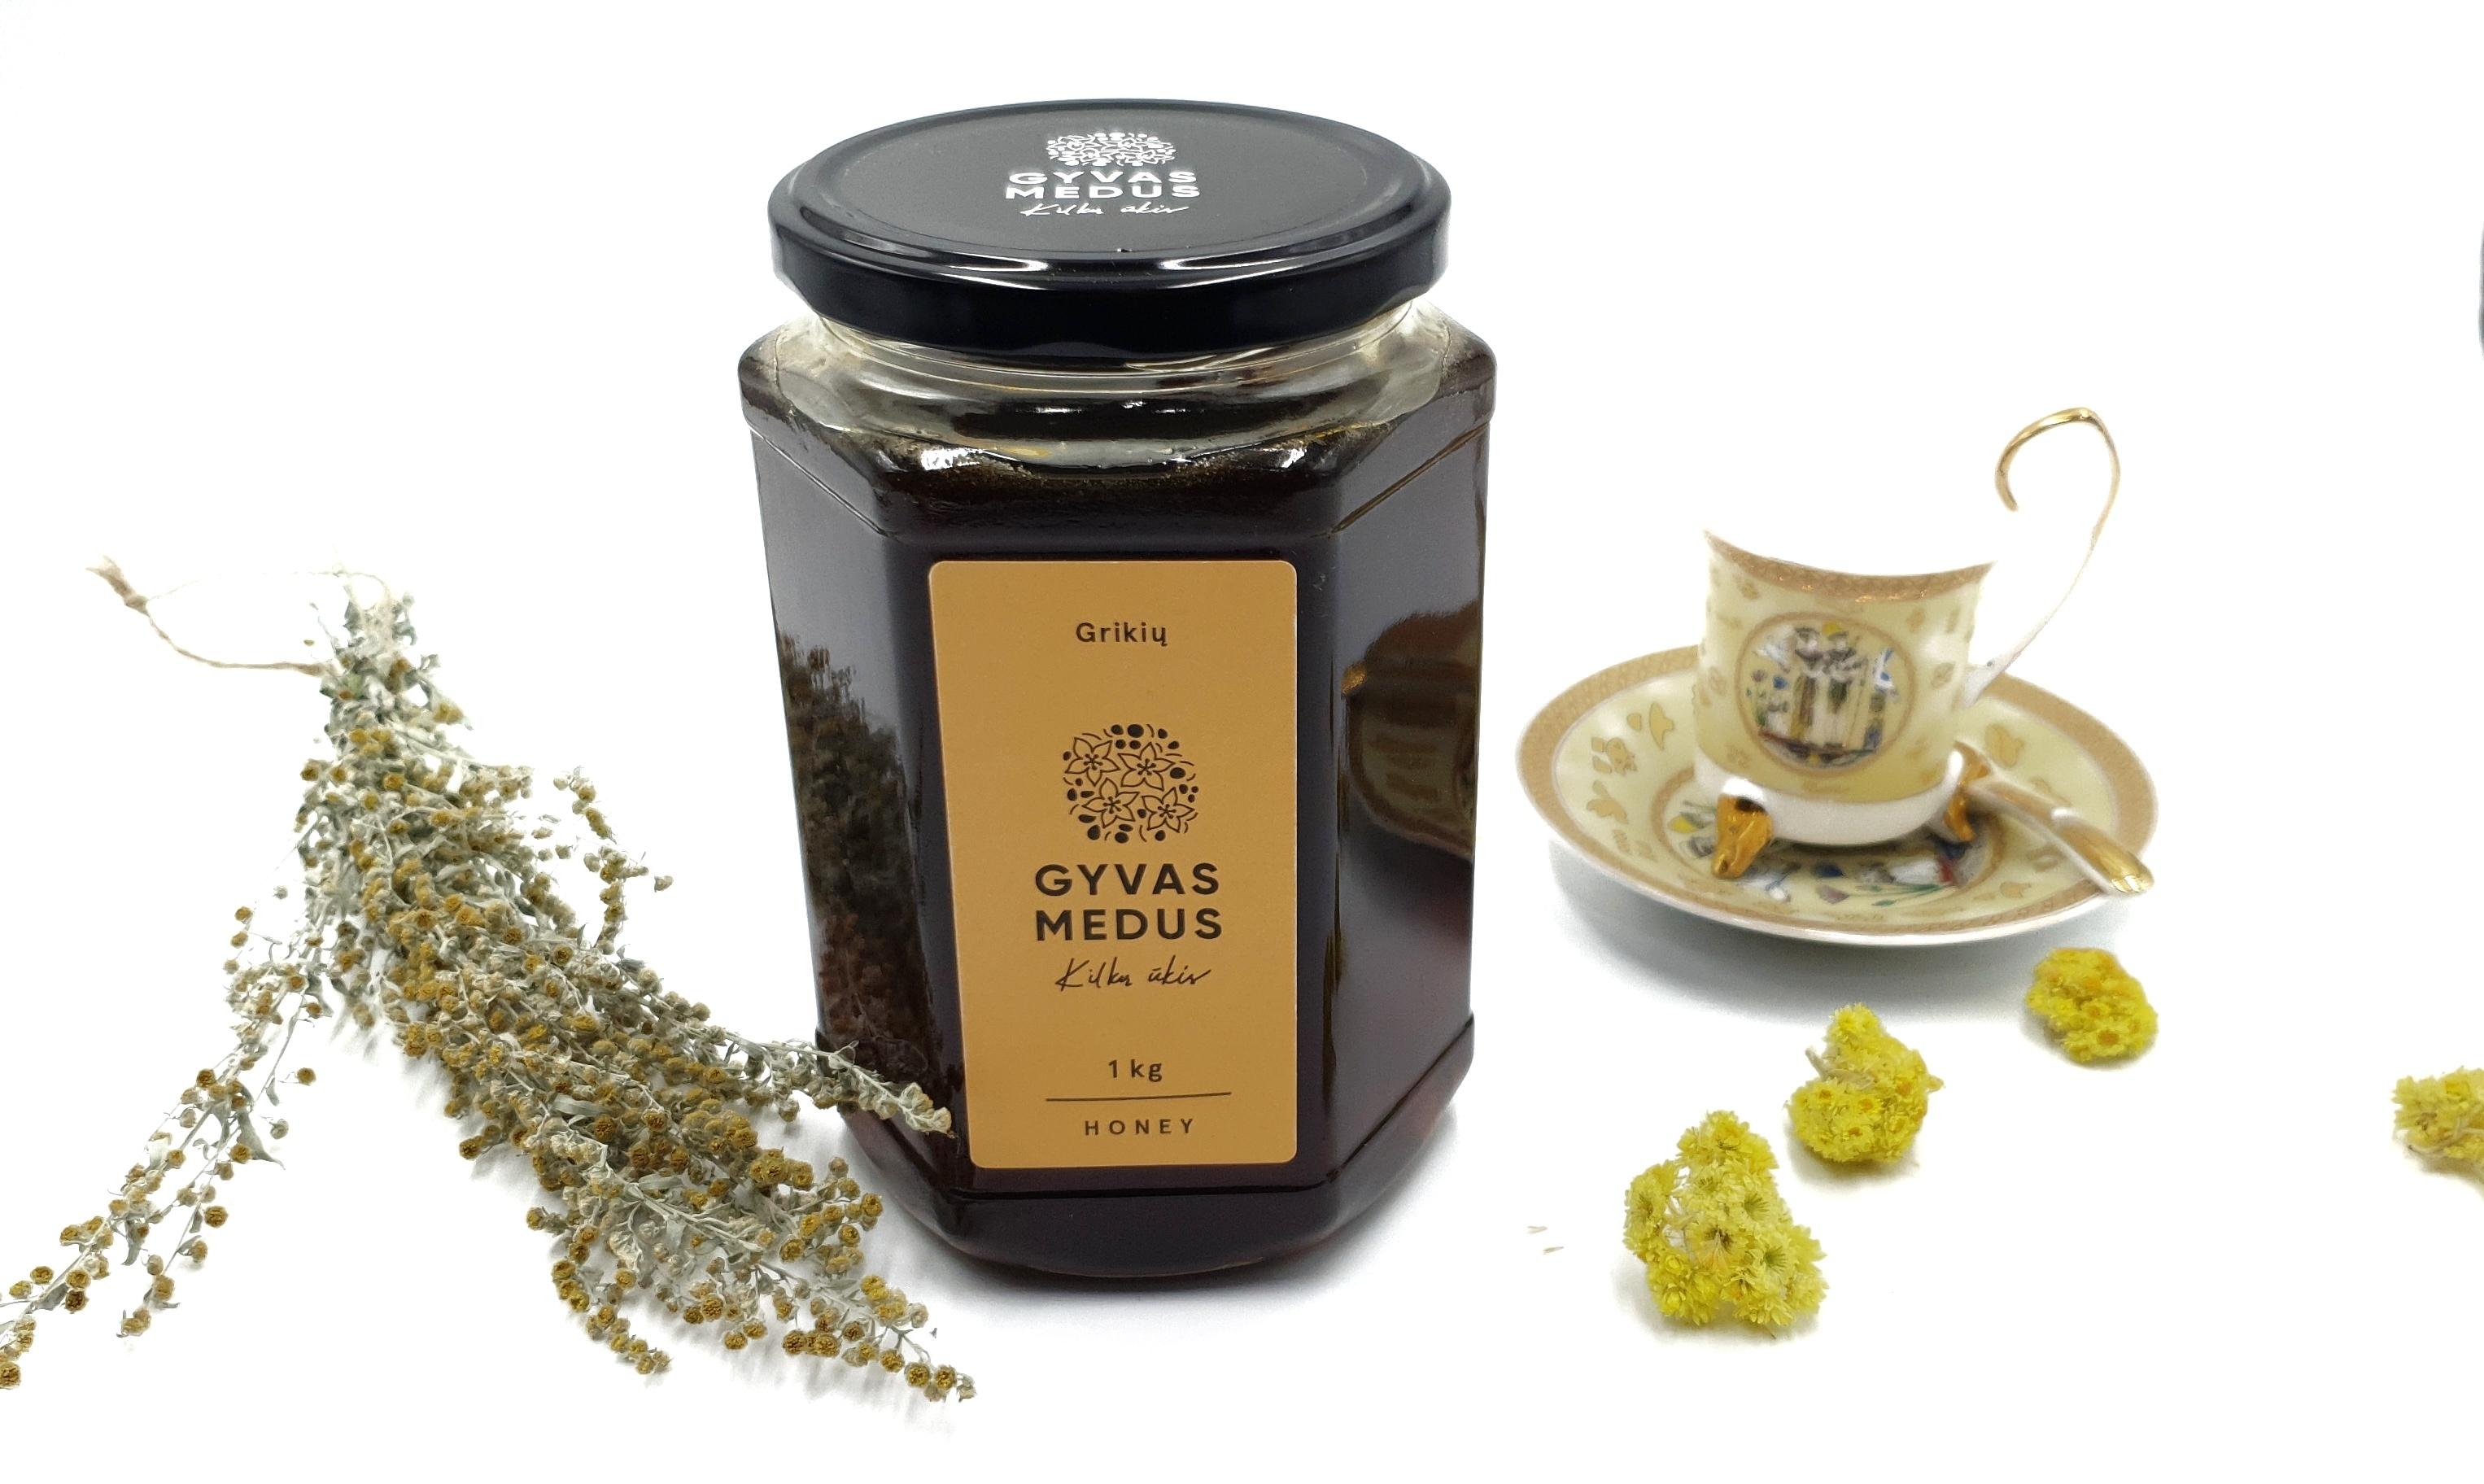 Ką gali išgydyti paprasčiausias medus: natūralūs receptai